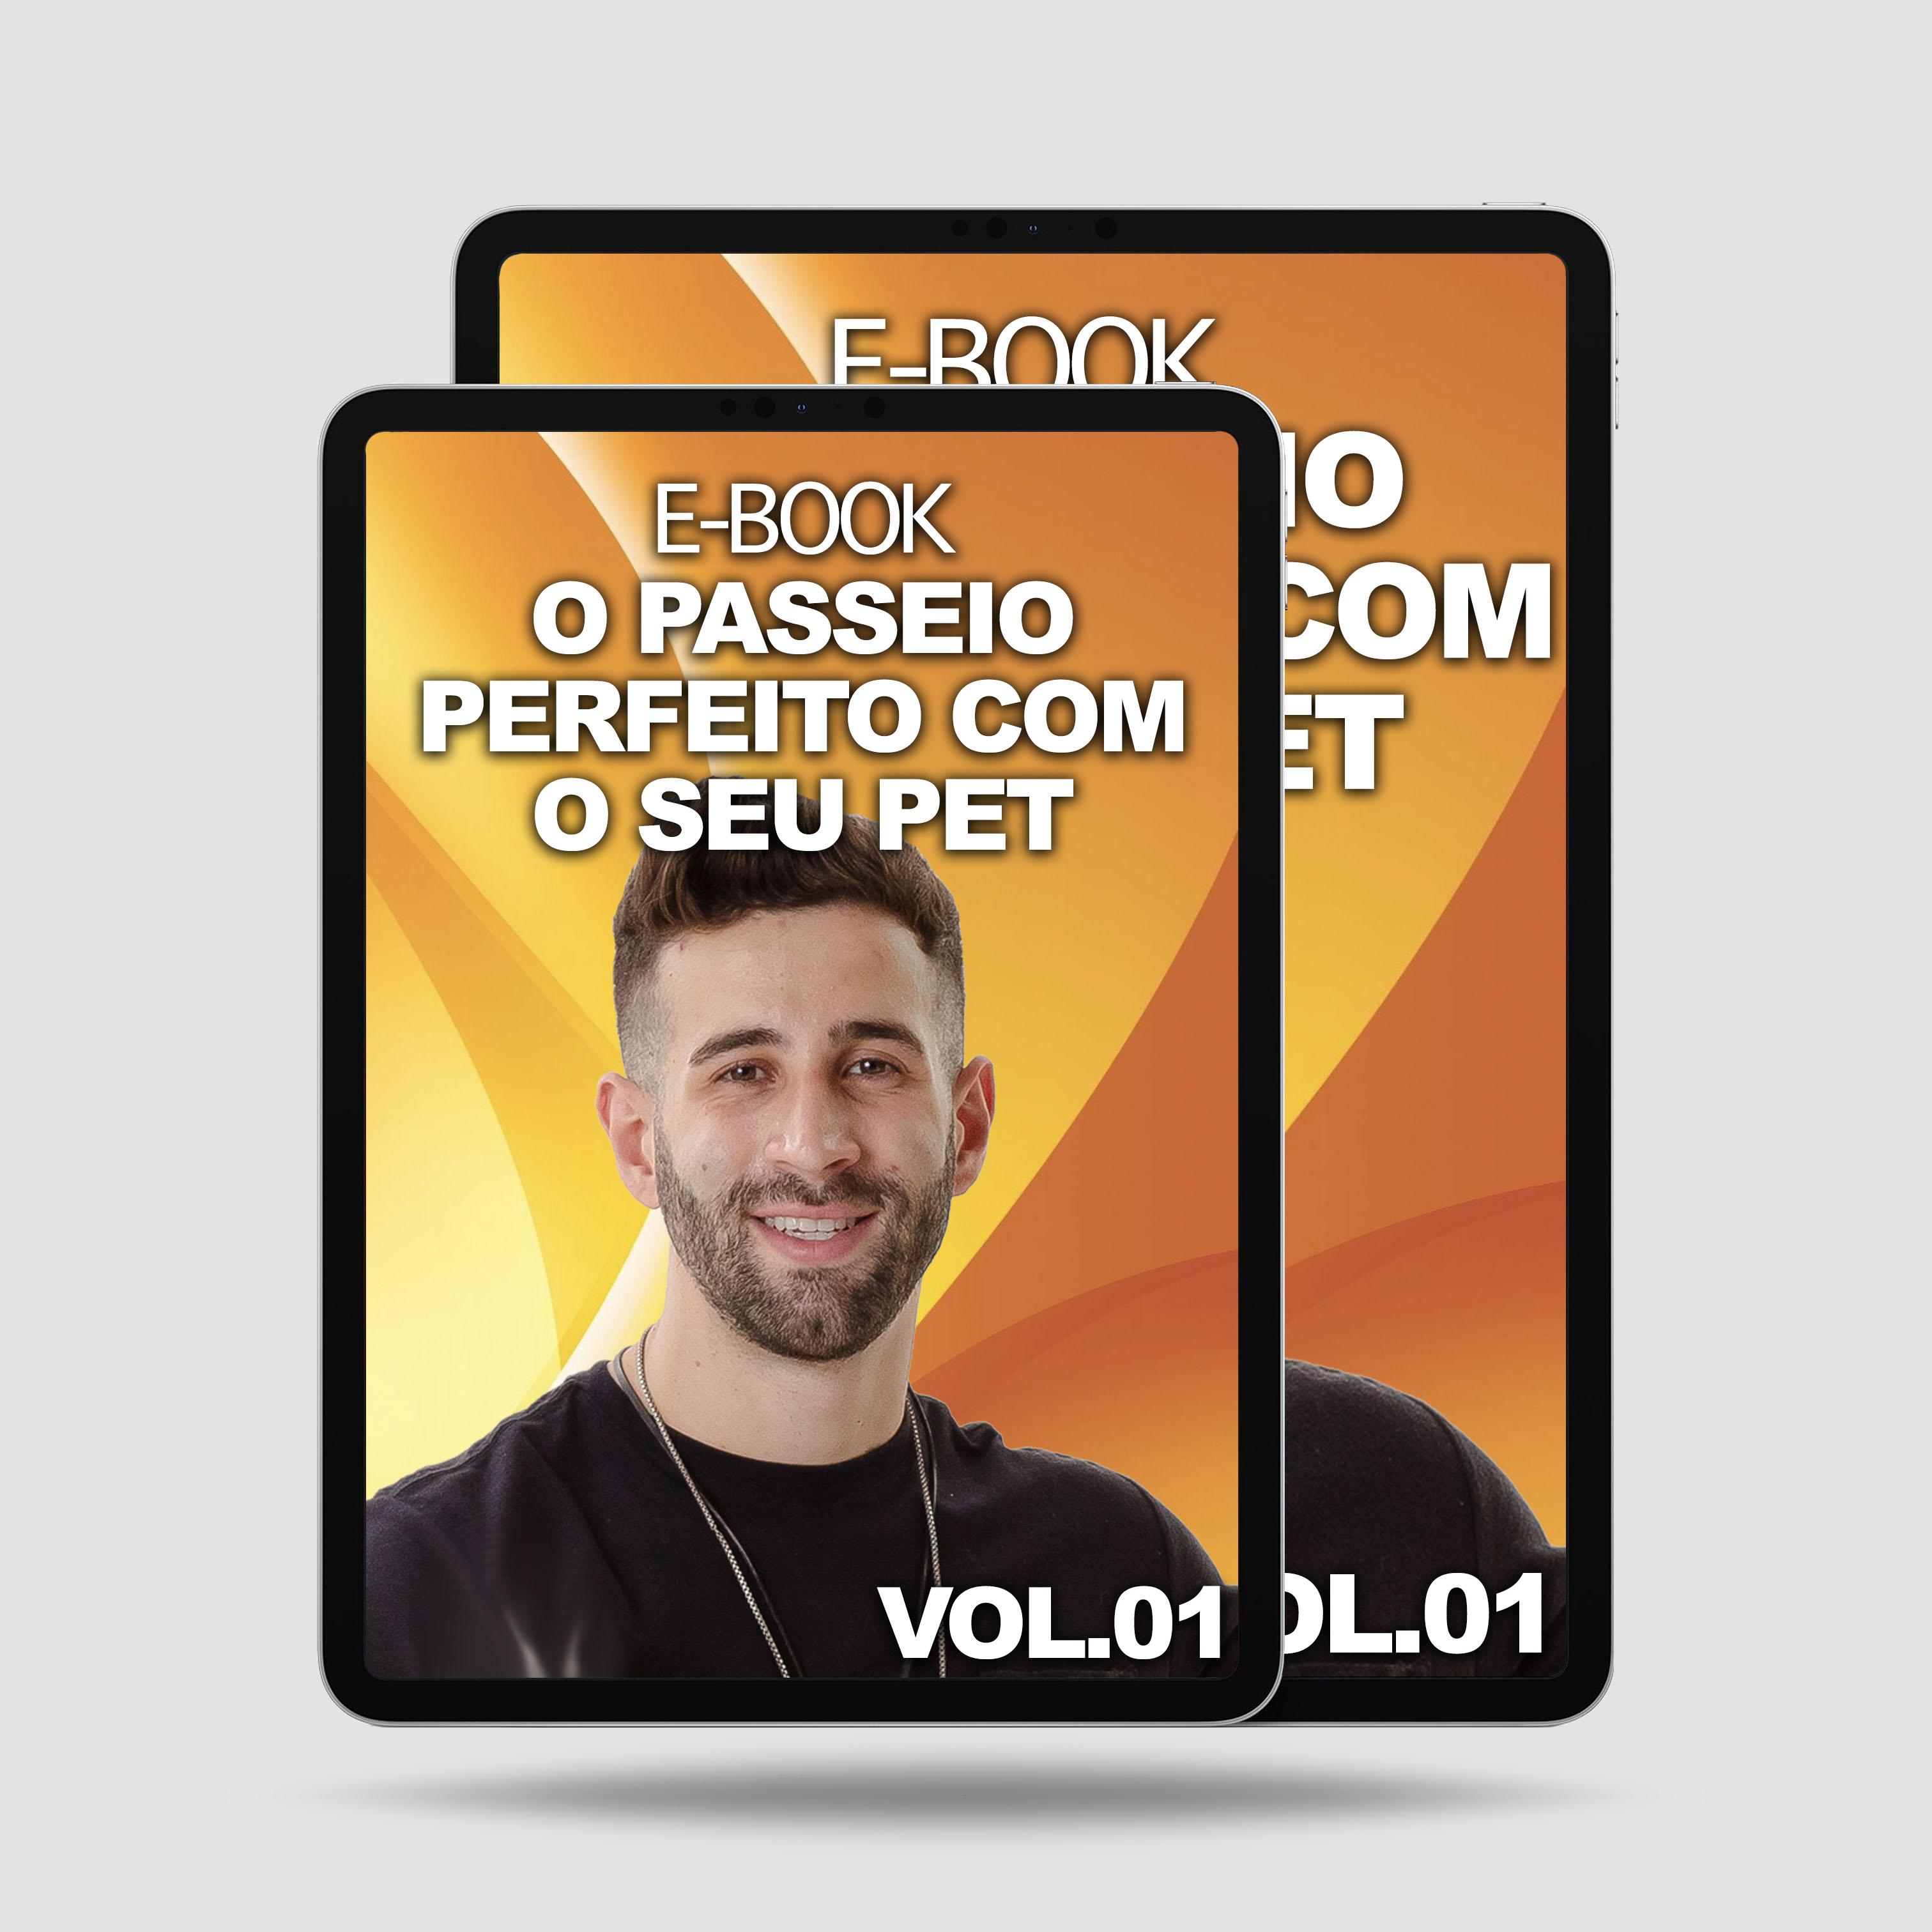 Imagem E-BOOK O PASSEIO PERFEITO COM O SEU PET